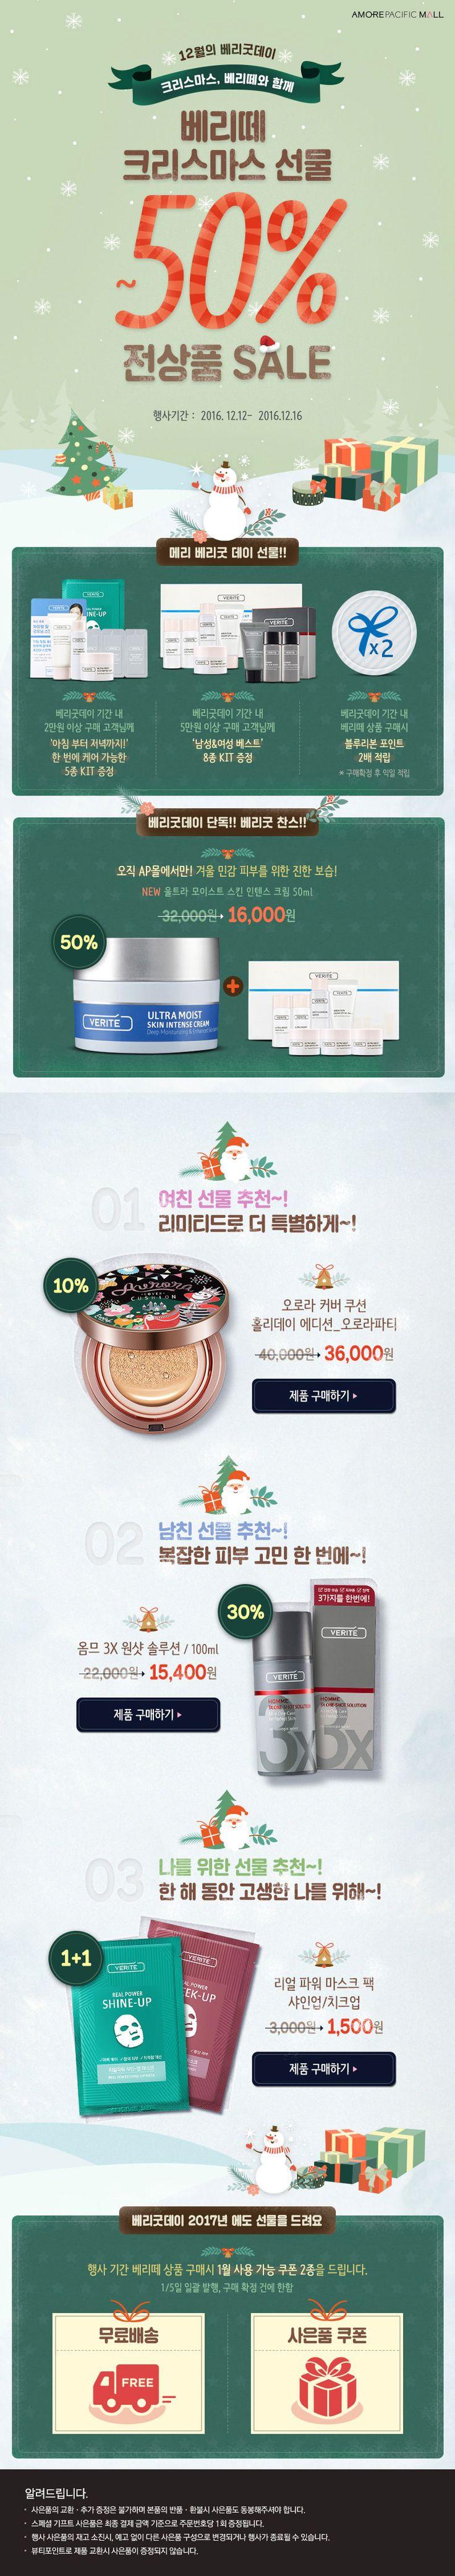 12월 베리굿데이 – 아모레퍼시픽 쇼핑몰